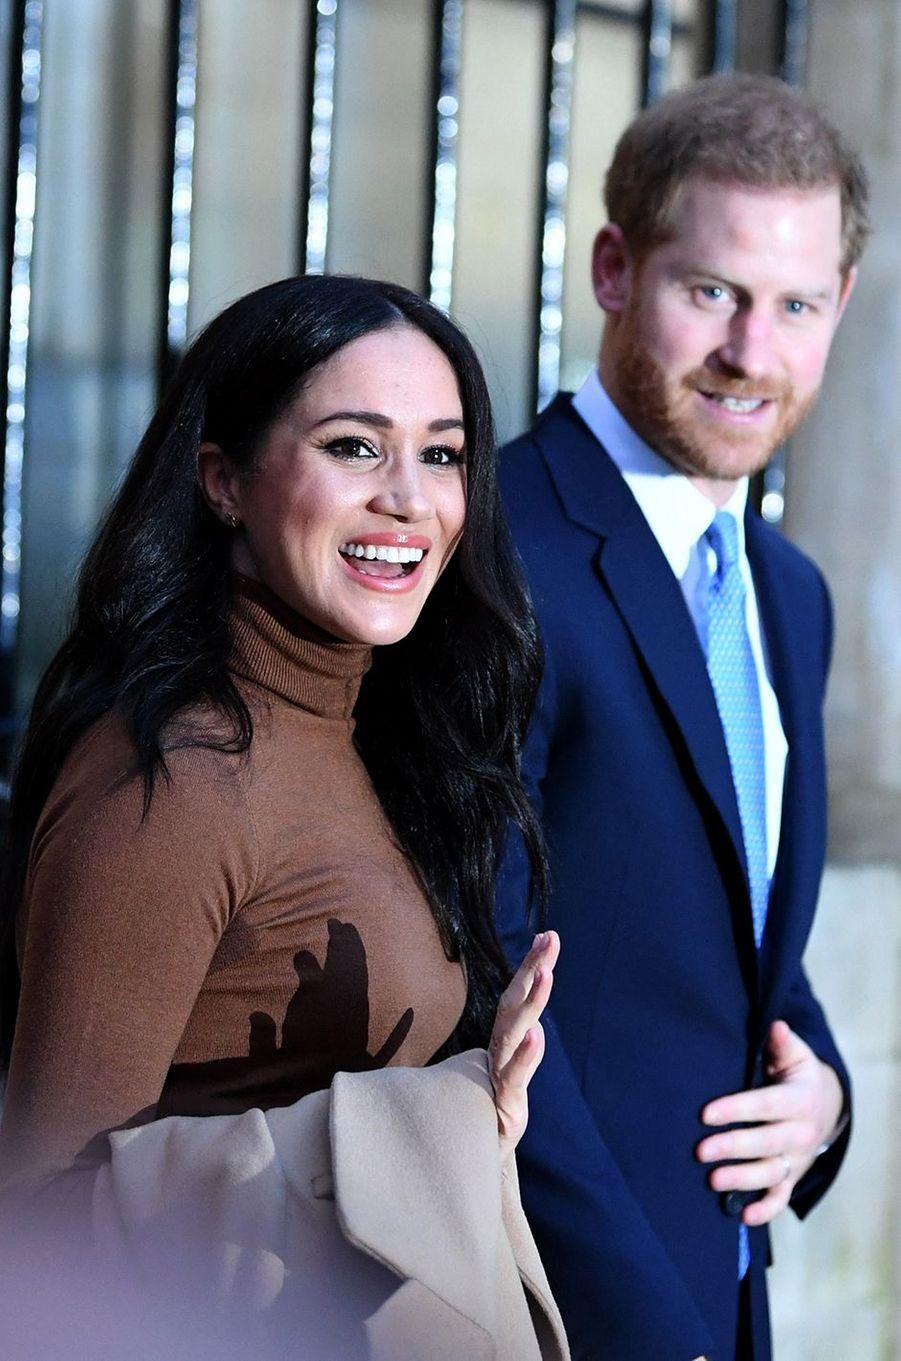 Meghan et Harry après leur visite à la Canada House à Londres le 7 janvier 2020. Le lendemain, ils annonçaient leur départ de la famille royale.